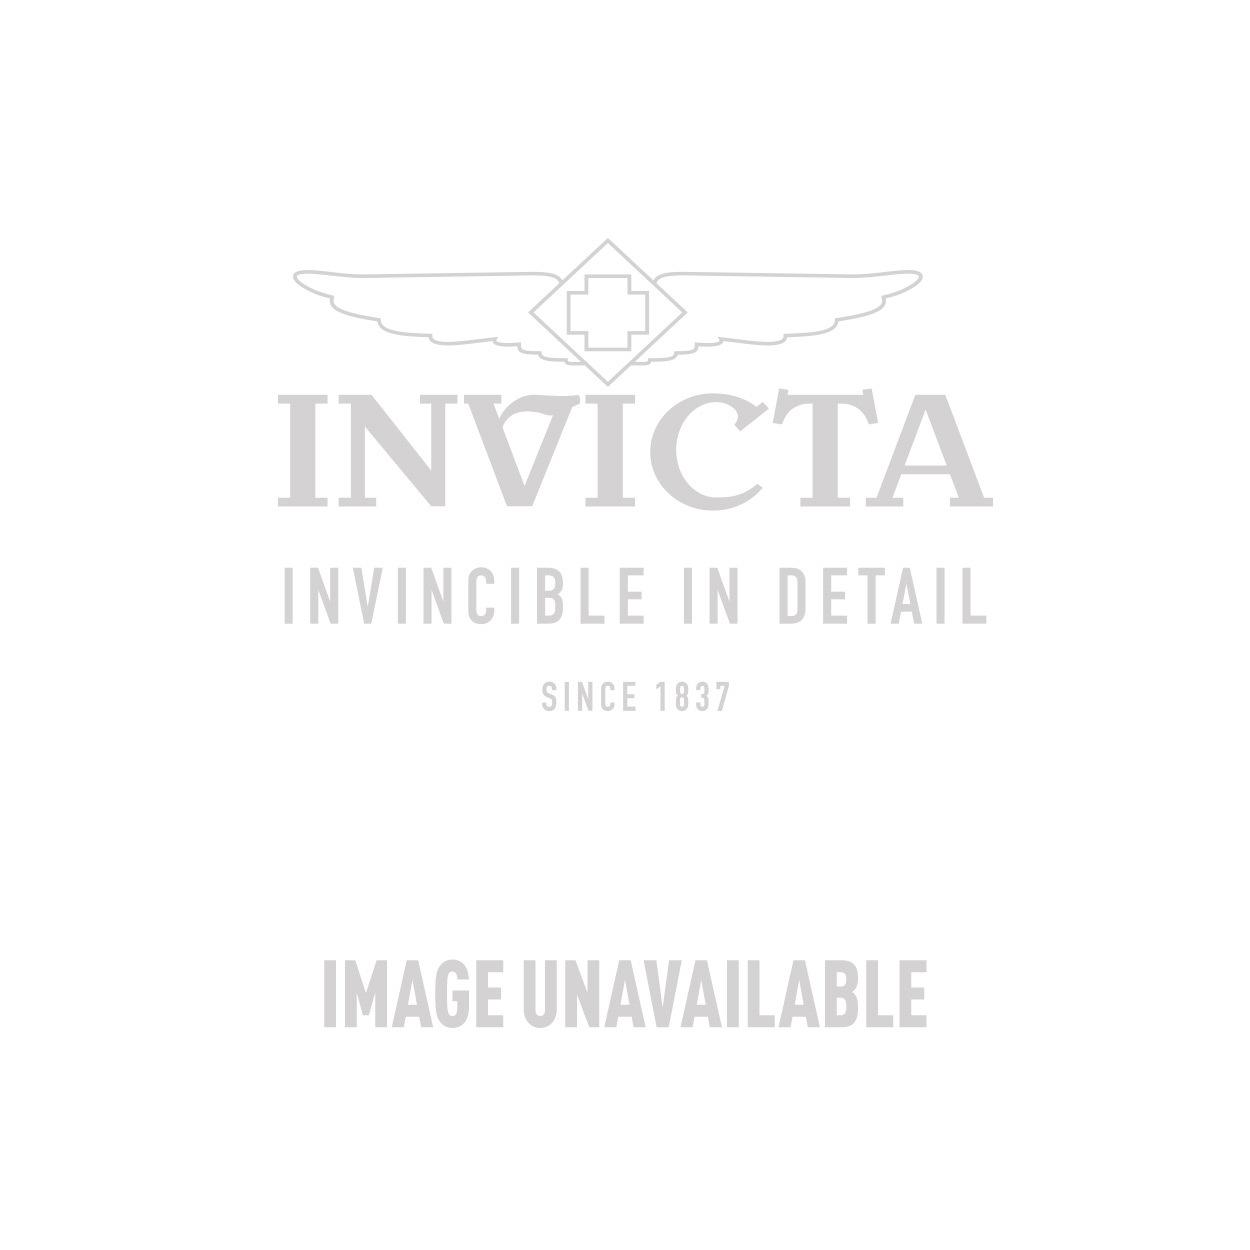 Invicta Model 28210